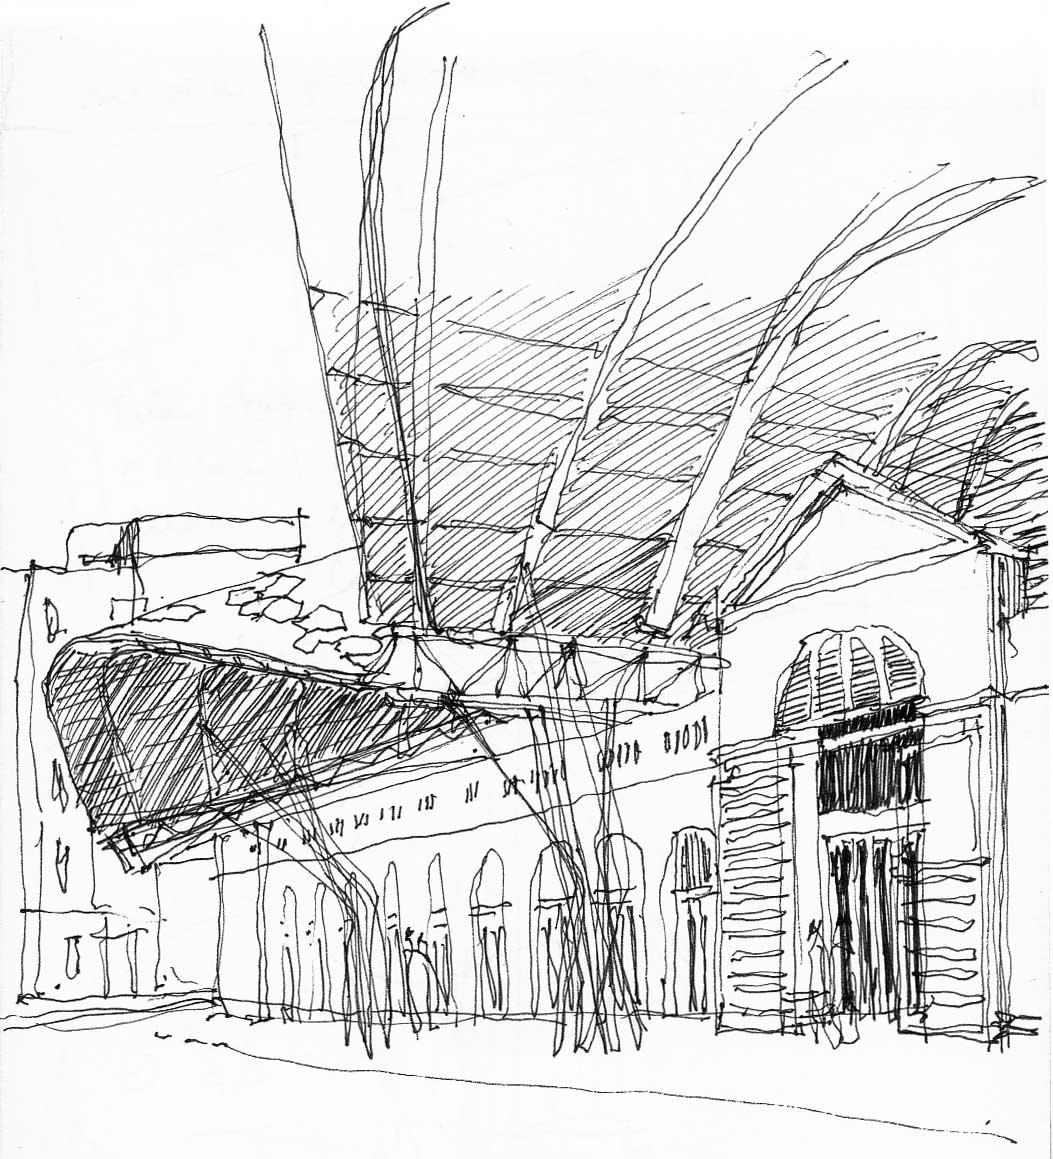 barcelone-_marche-sainte-catherine-_Miralles